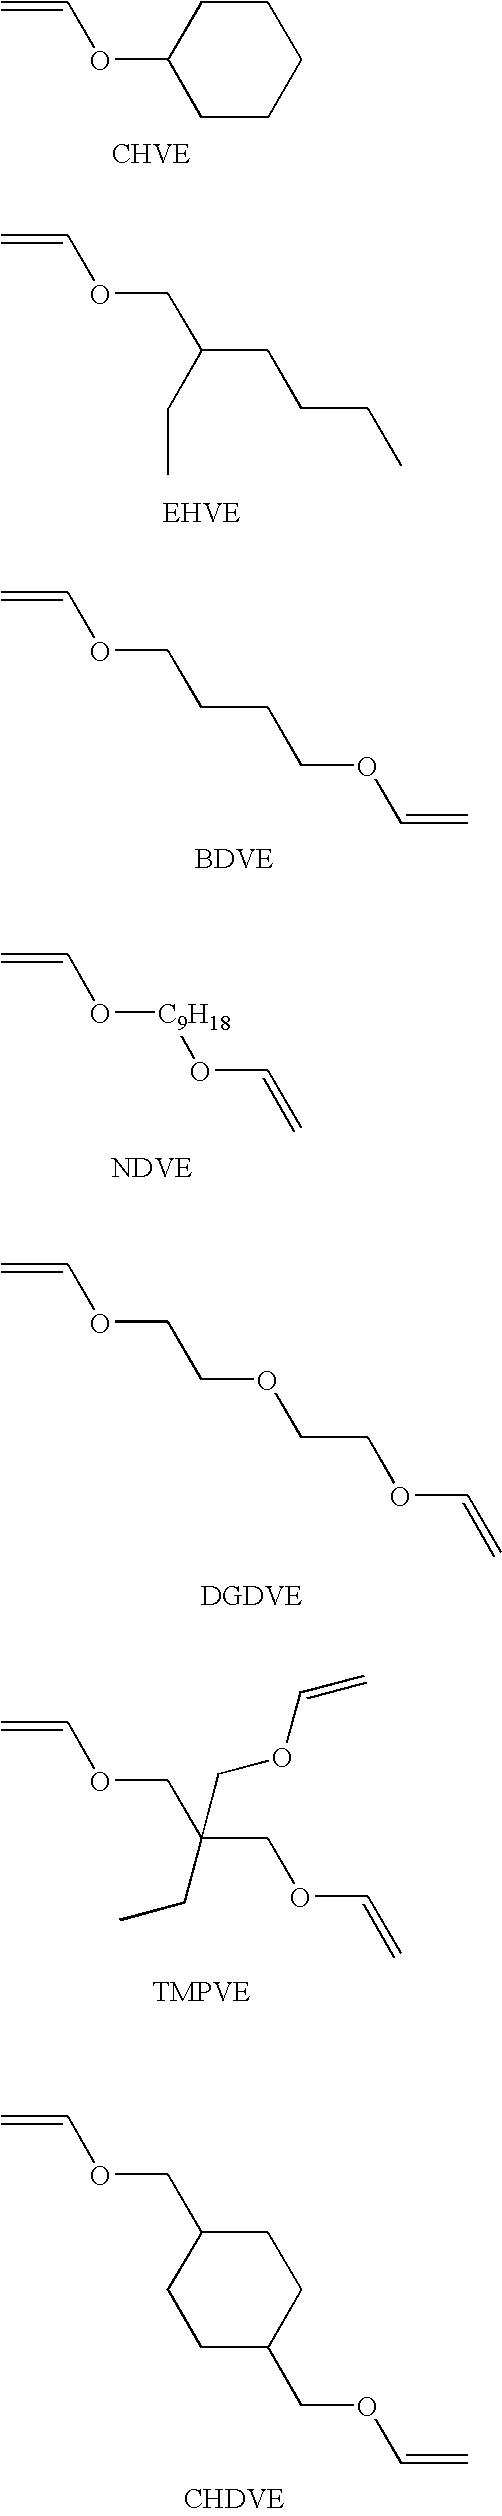 Figure US20110042862A1-20110224-C00003